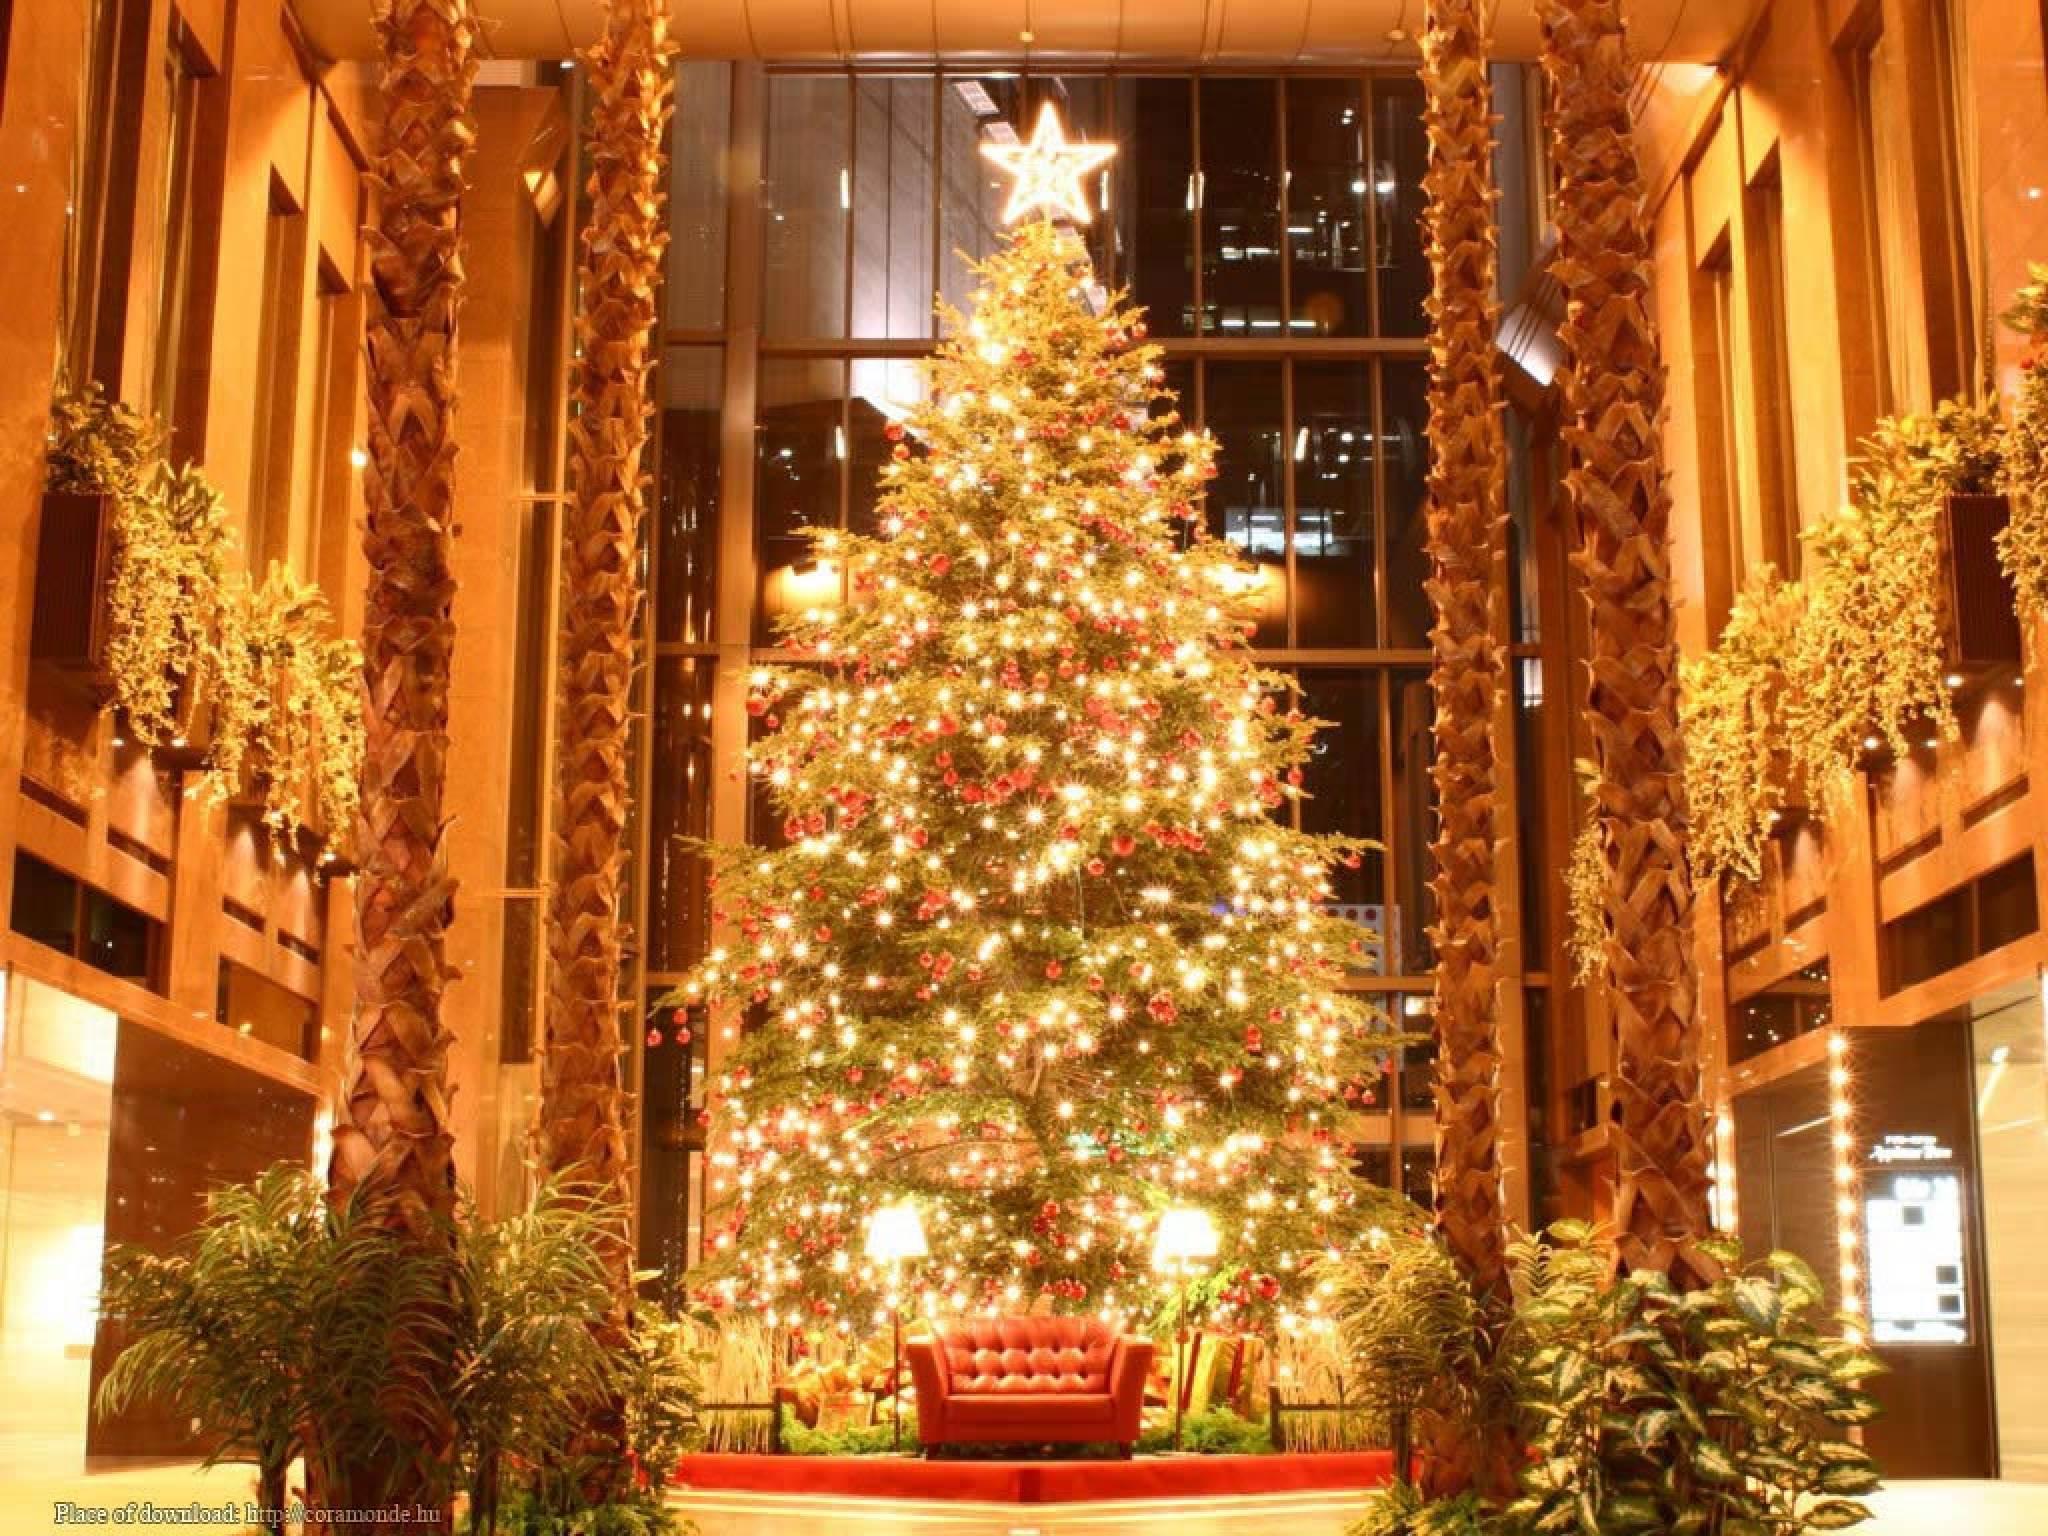 elka.  Новый год в гостинице Нижнего Новгорода.  Новогодние елки в Нижнем Новгороде.